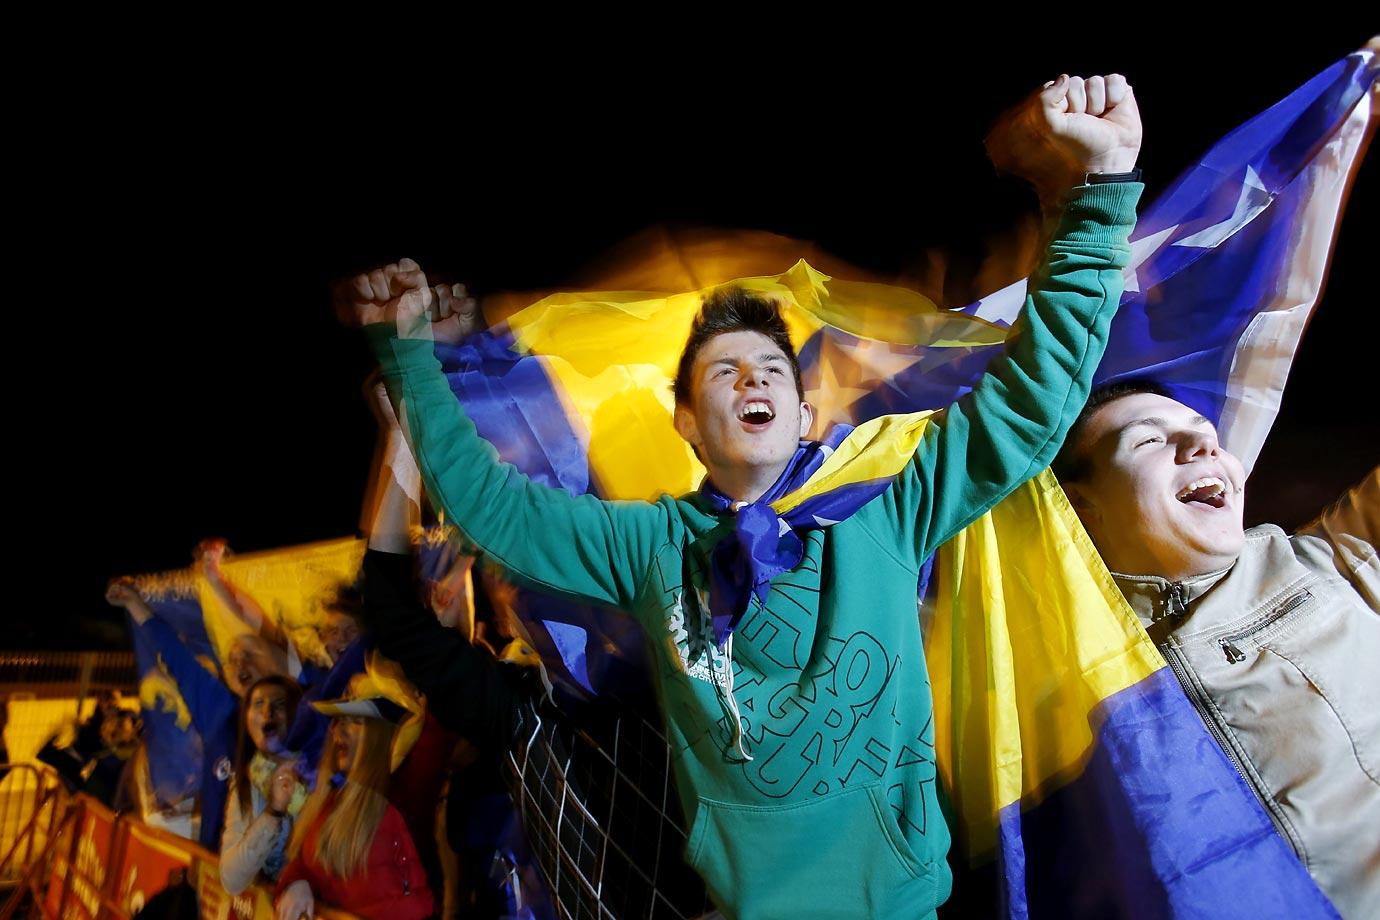 Bosnia fans in Tuzla, Bosnia.